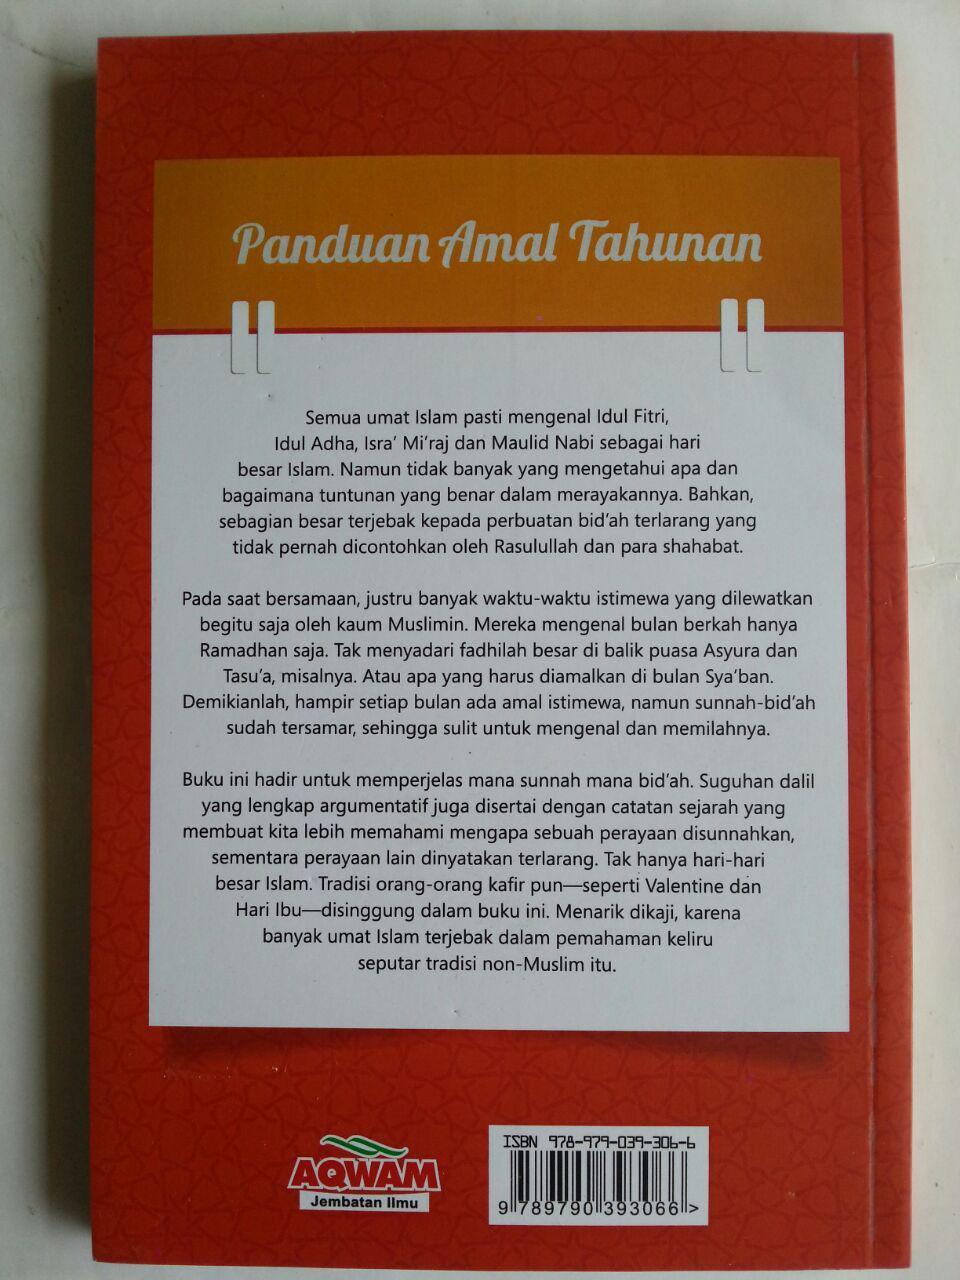 Buku Panduan Amal tahunan Antara Yang Sunnah Dan Bid'ah cover